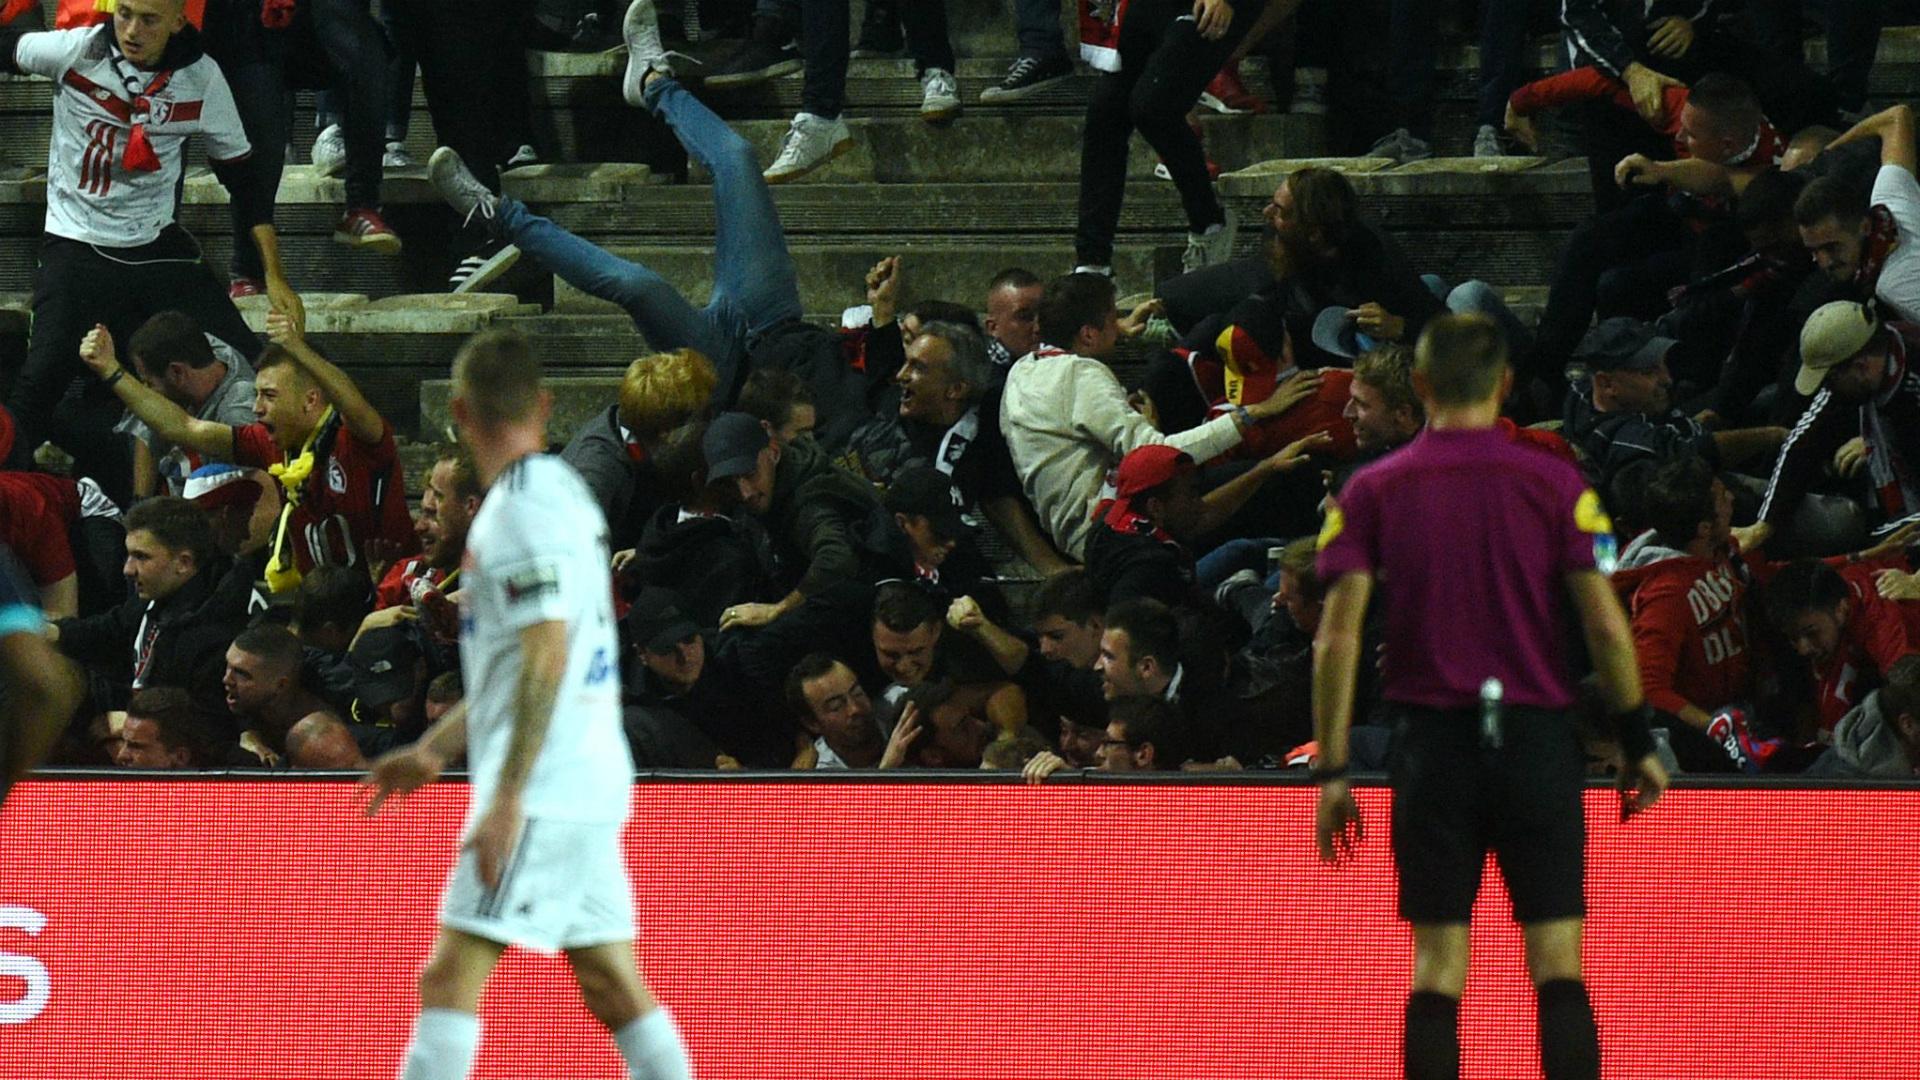 Mindestens 18 Verletzte bei Stadionunfall in Frankreich